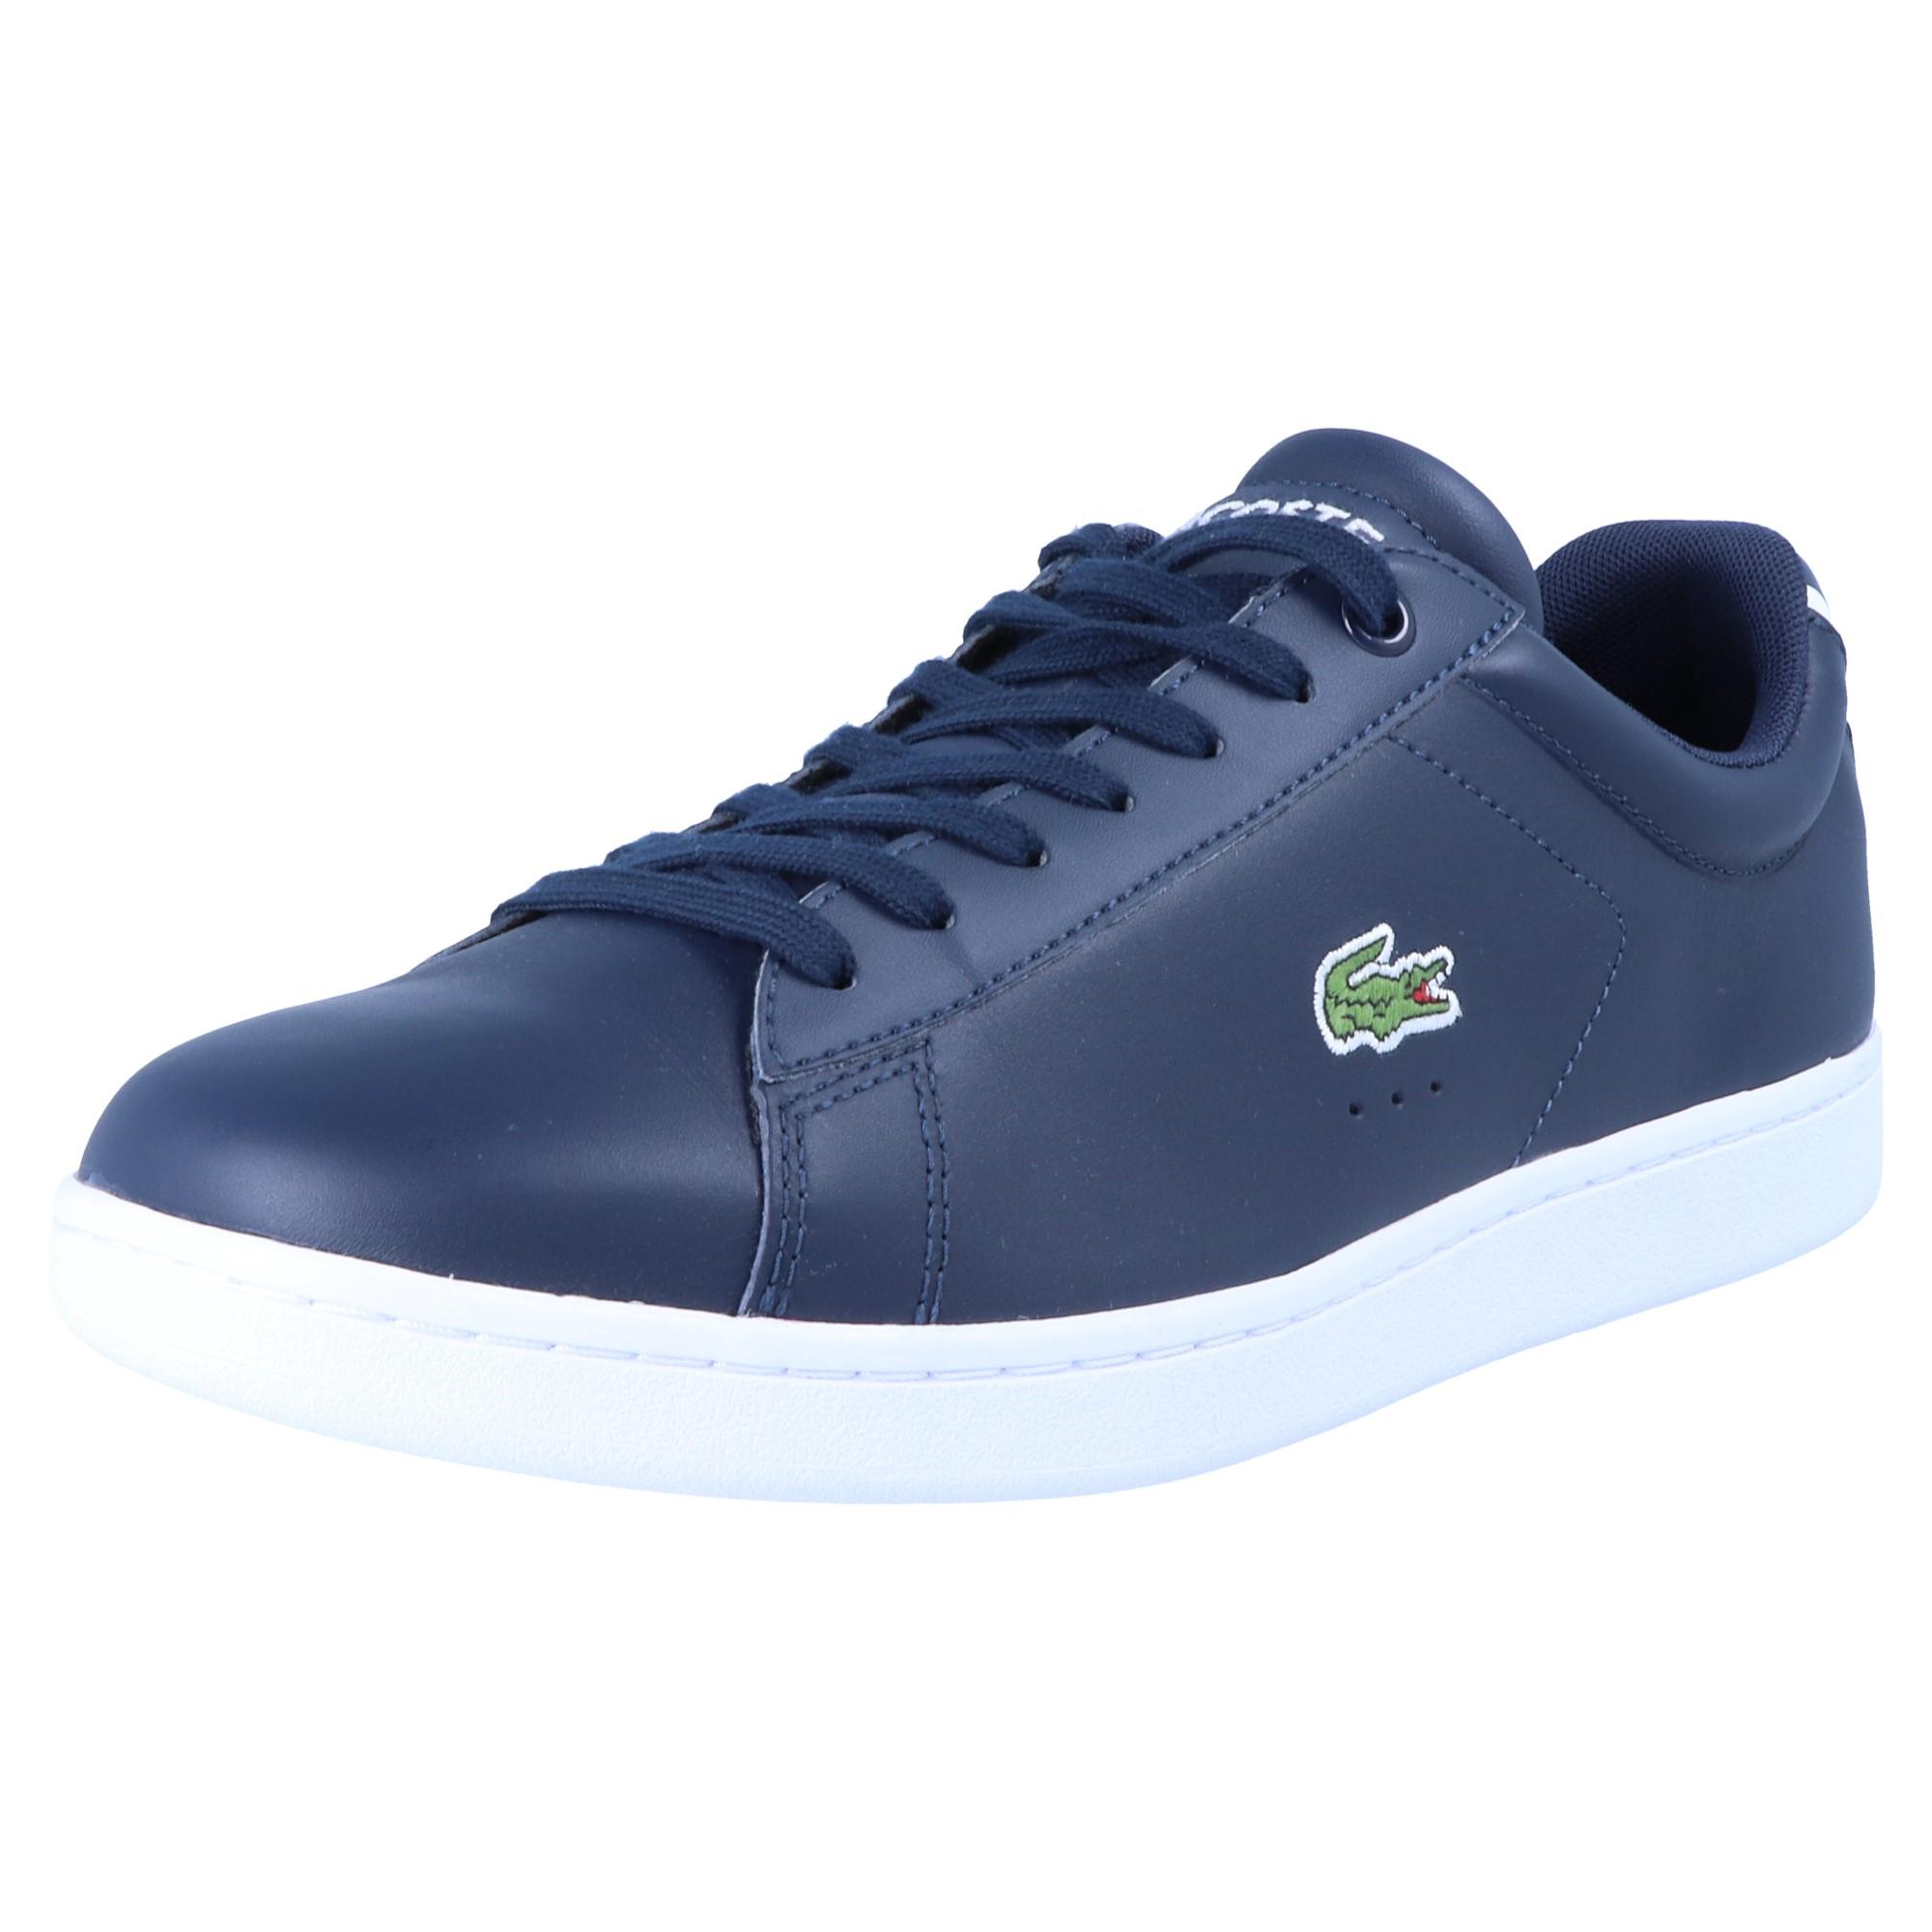 Lacoste Schuhe Blau CARNABY EVO 7-33SPM1002003 Herren Sneaker